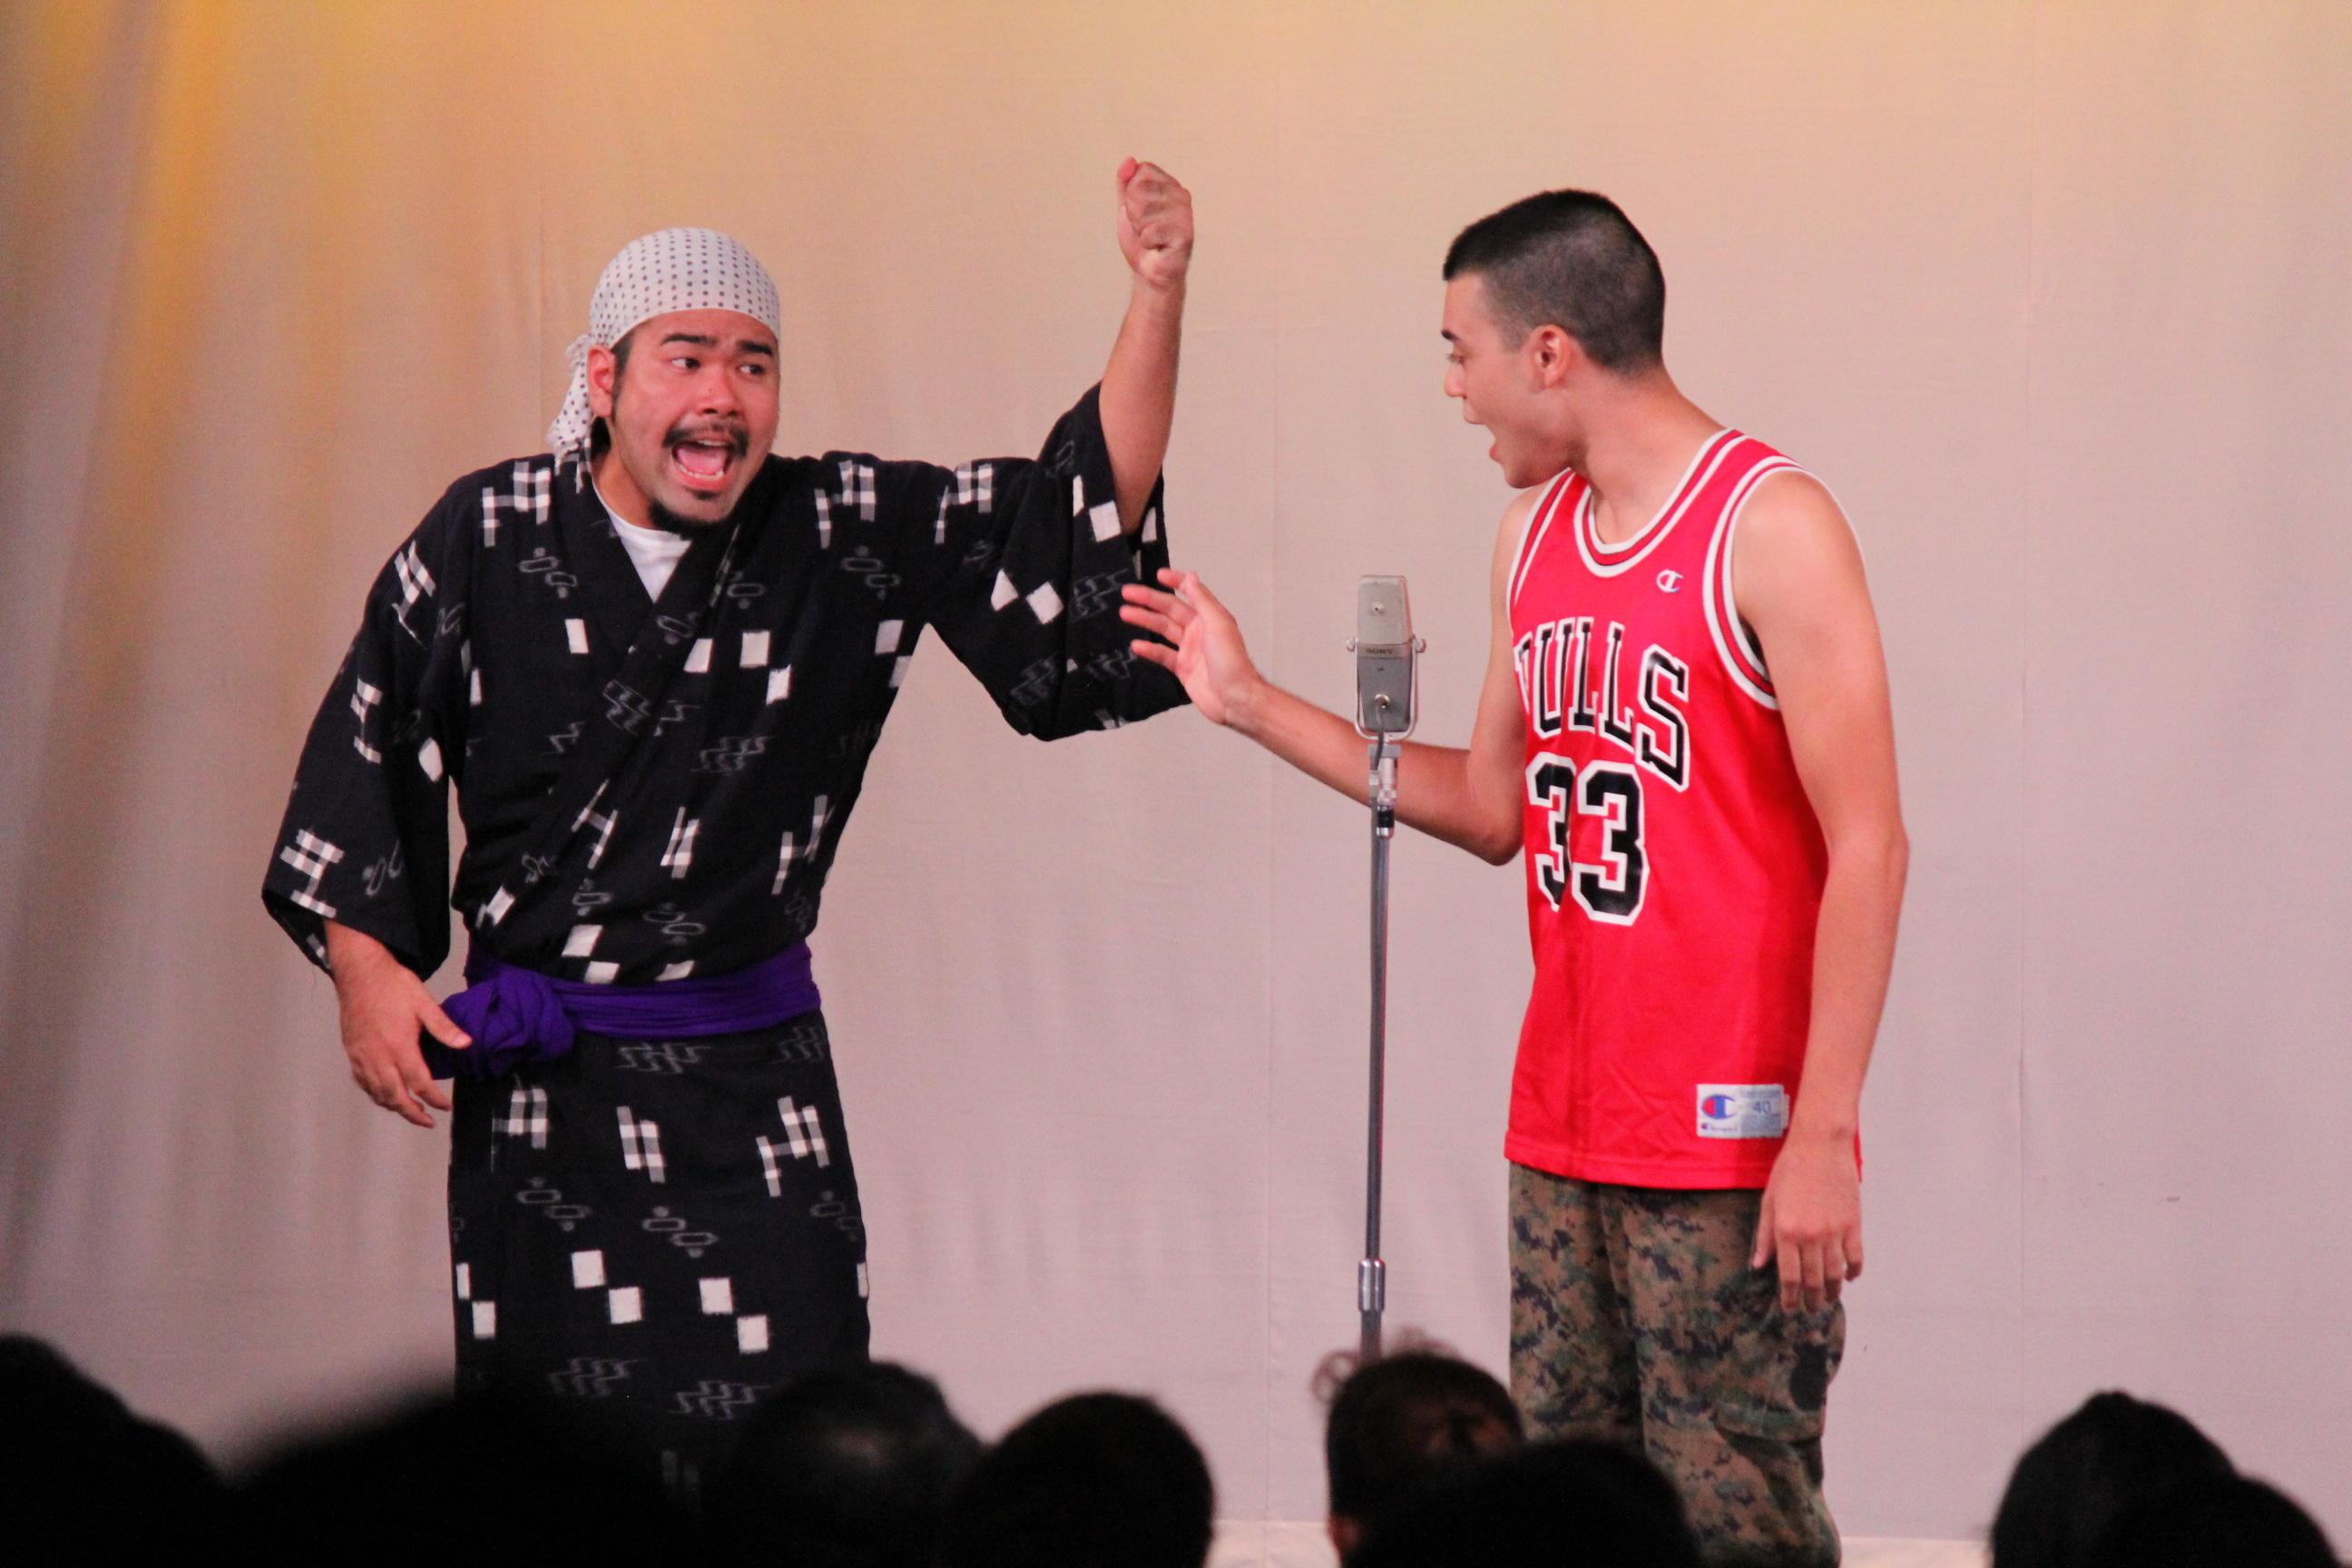 http://news.yoshimoto.co.jp/20161018171101-69d863f2216dd694d122758158df8fef1d8ee5b1.jpg